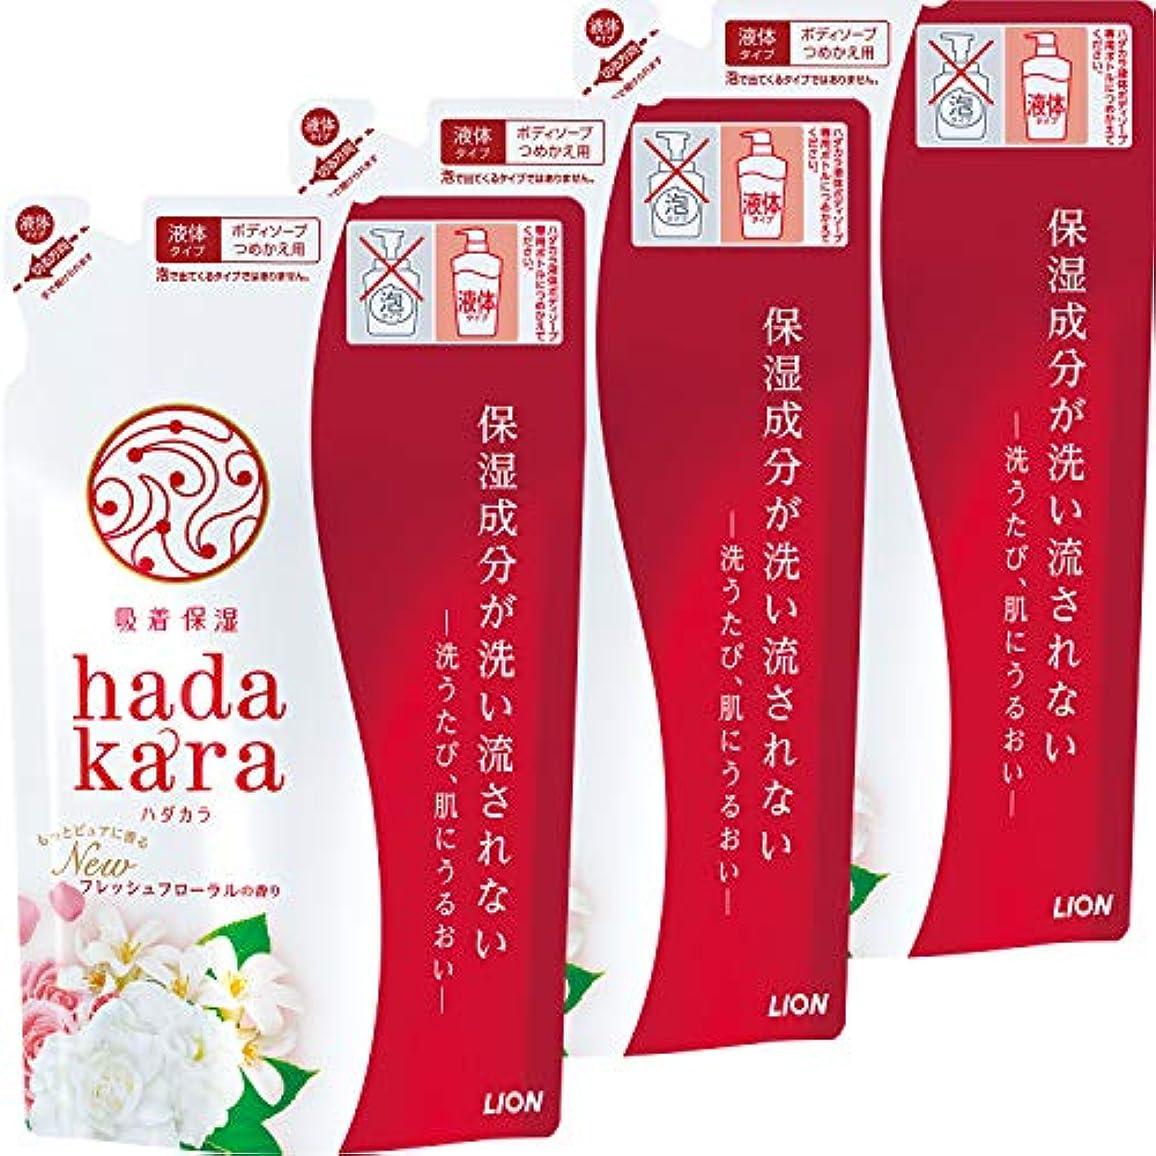 署名迅速調停者hadakara(ハダカラ) ボディソープ フレッシュフローラルの香り つめかえ360ml×3個 詰替え用